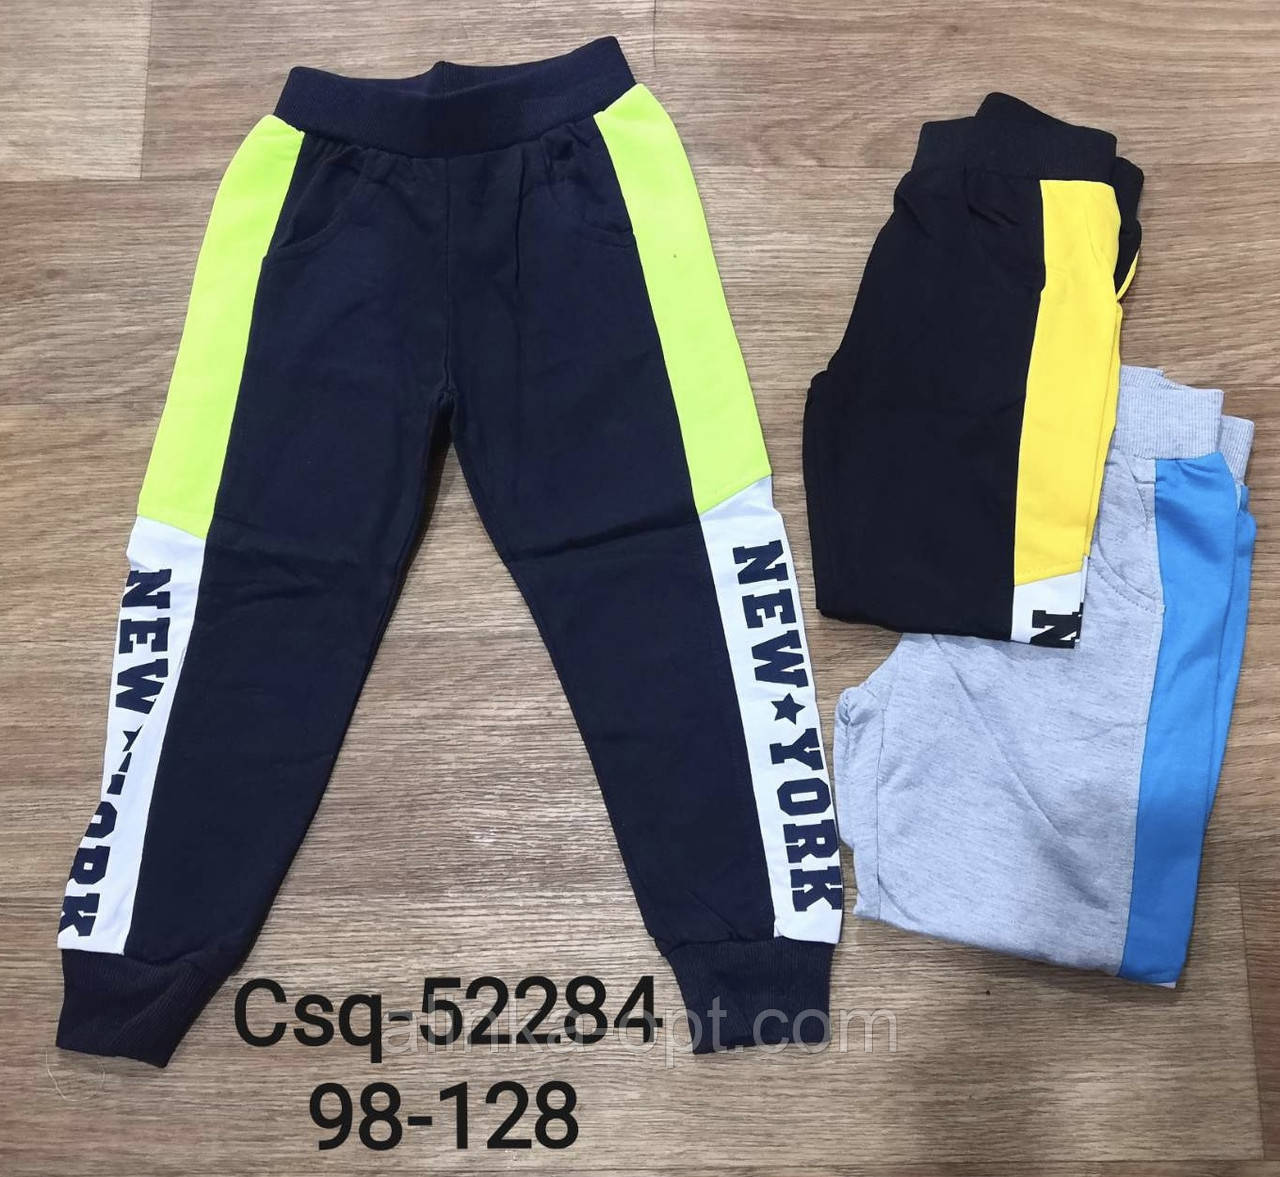 Спортивні штани для хлопчиків Seagull, 98-128 рр. Артикул: CSQ52284